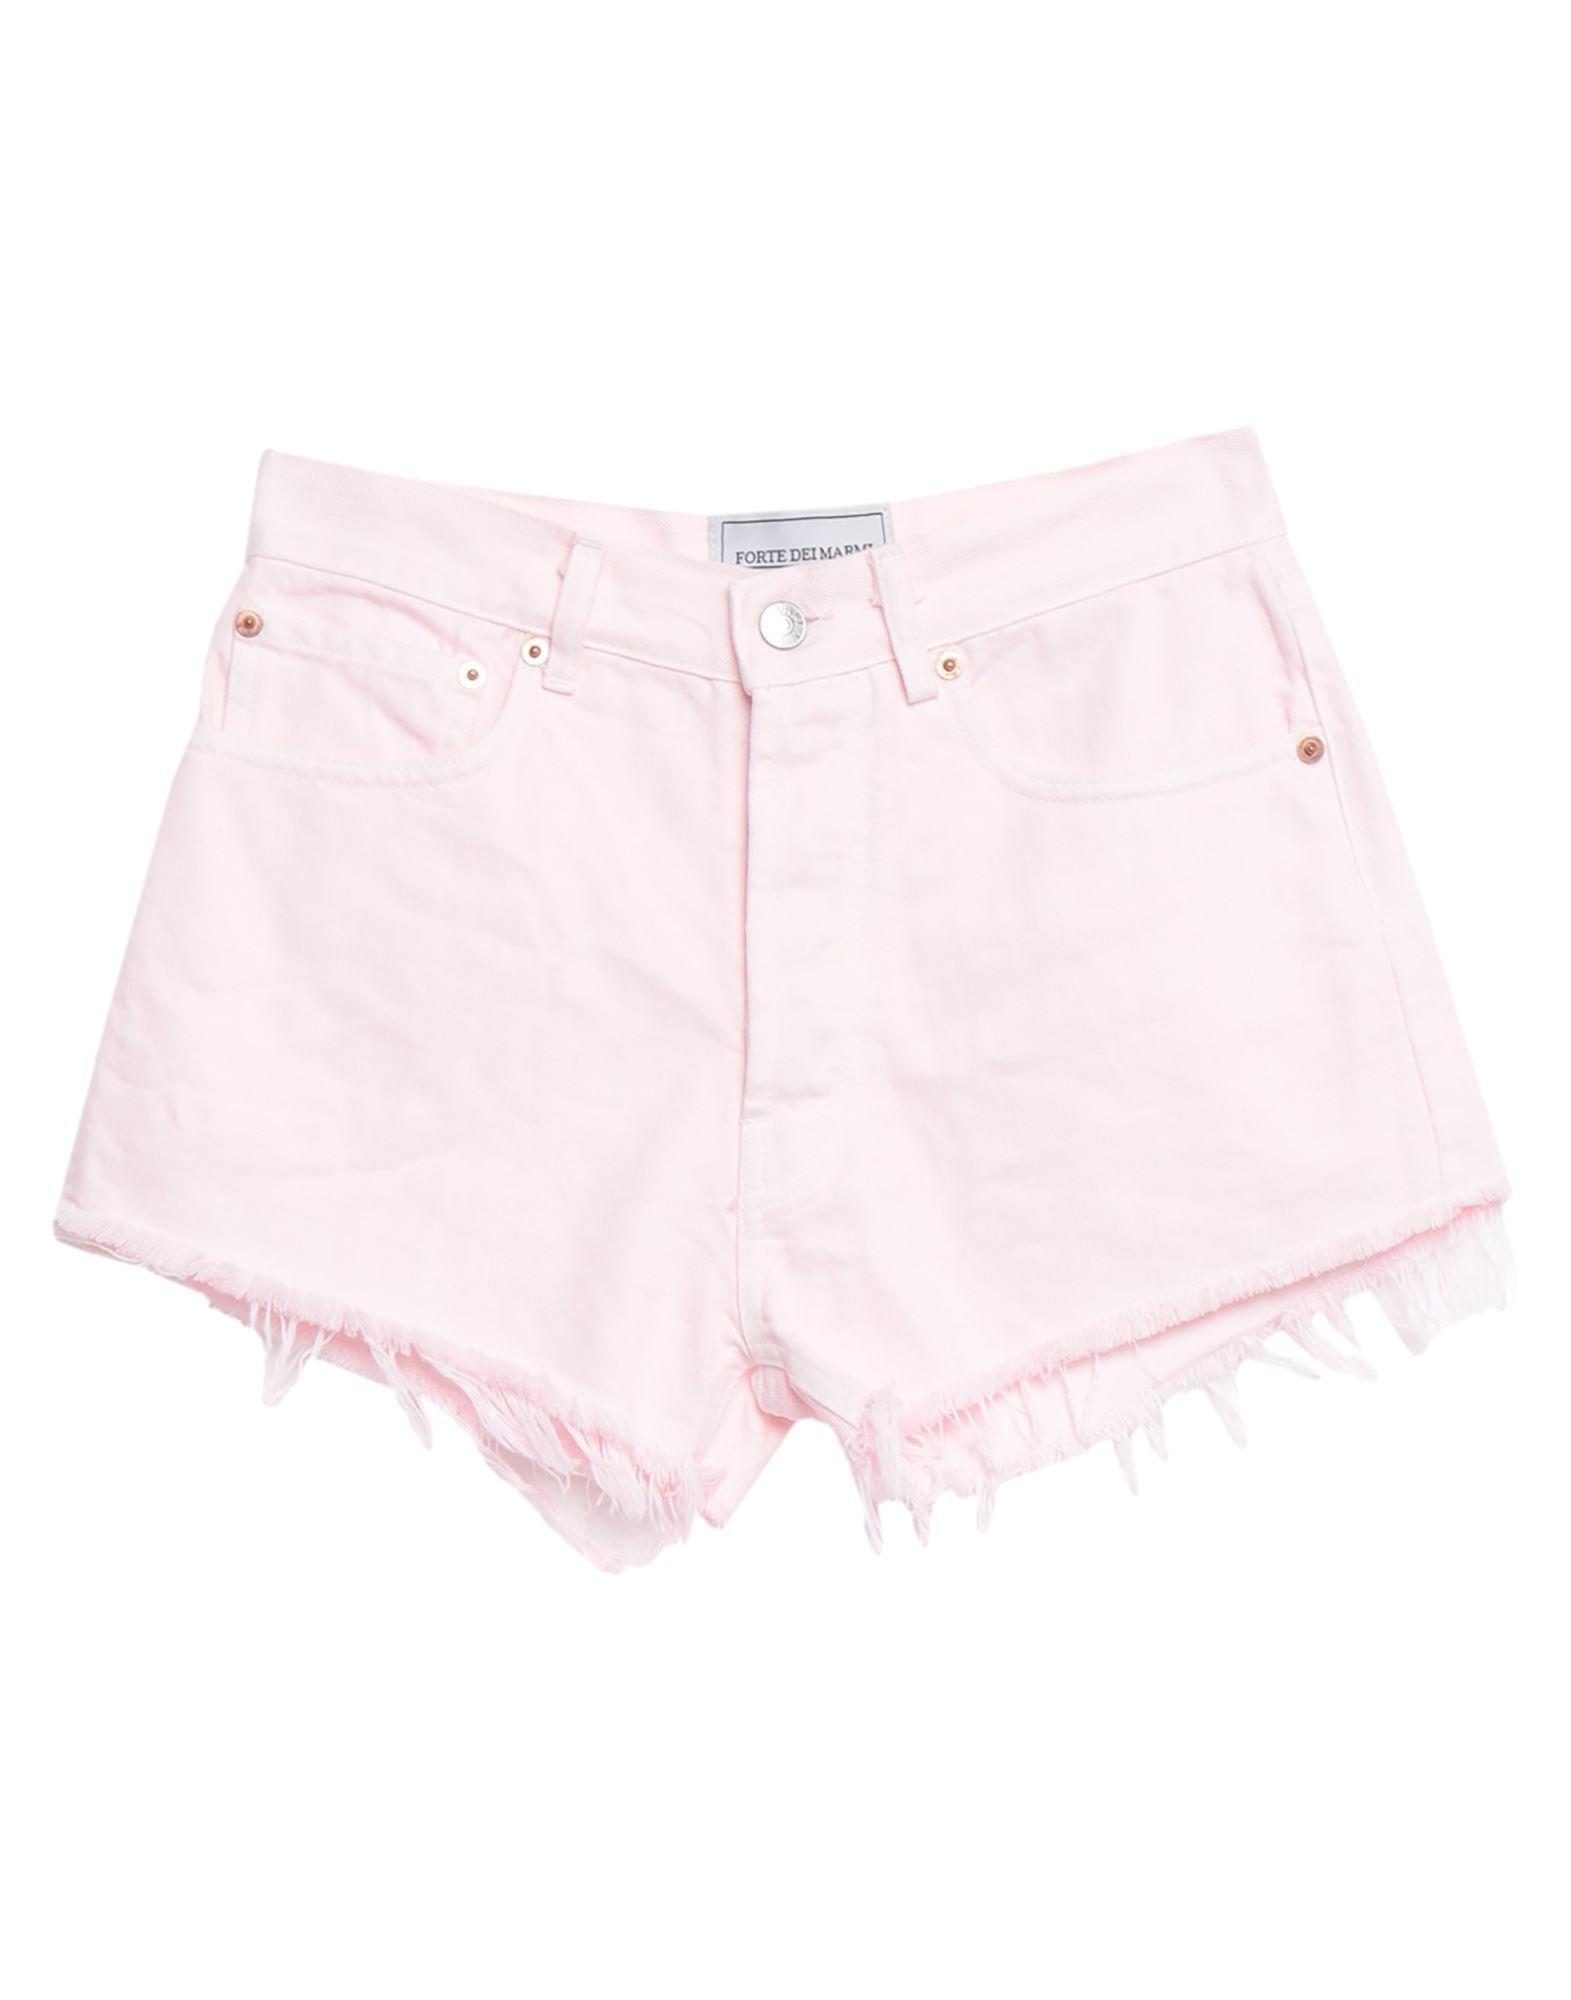 Фото - FORTE DEI MARMI COUTURE Джинсовые шорты please джинсовые шорты